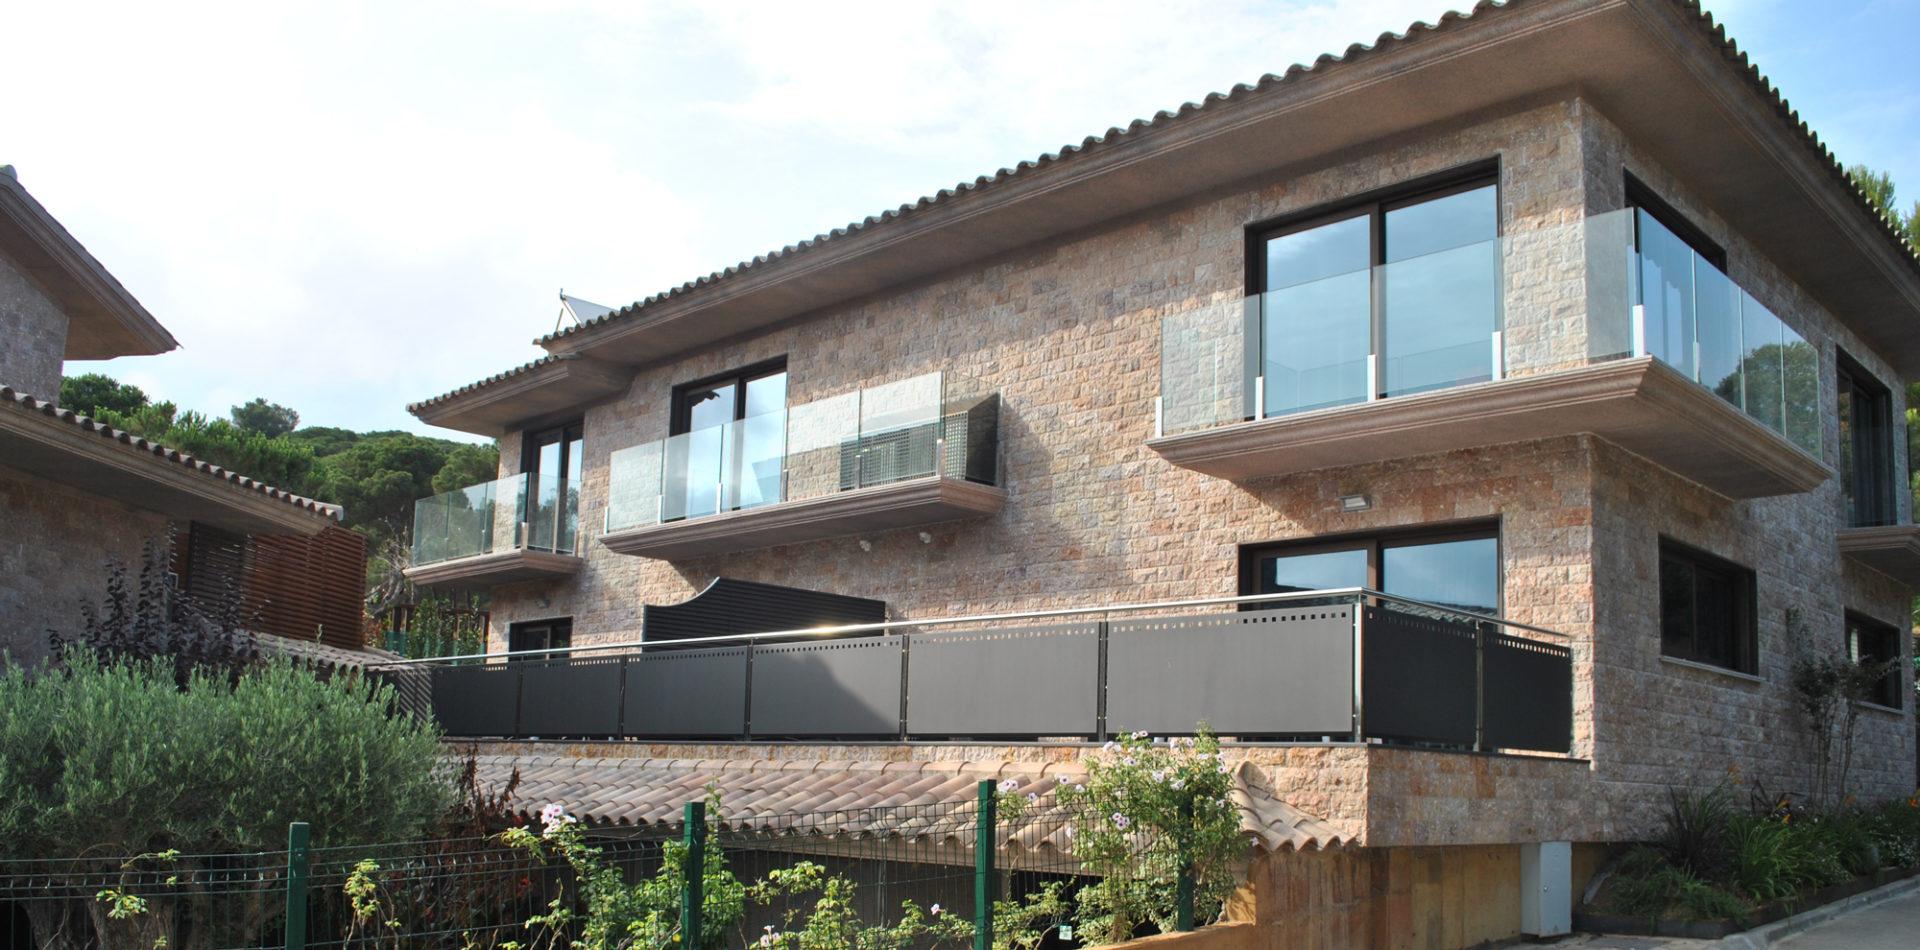 Habitaciones y casas rurales en Costa Brava